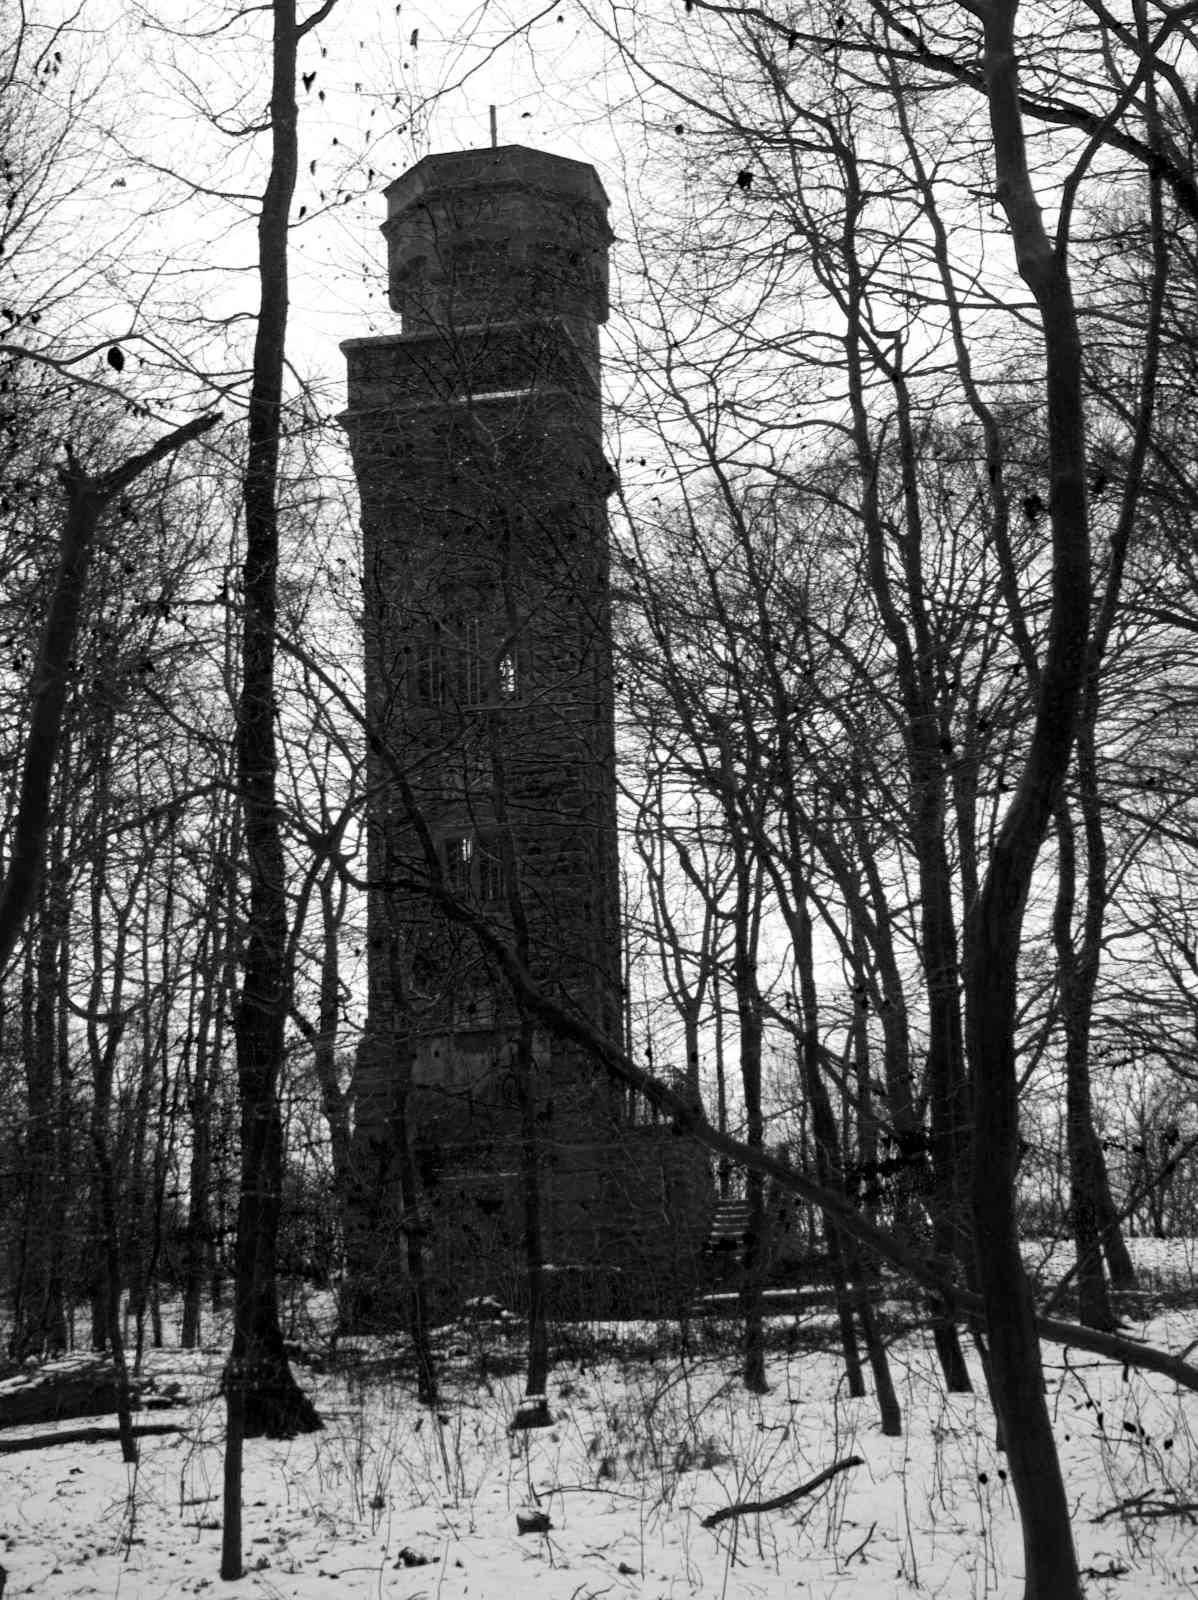 Von-der-Heydt-Turm 1